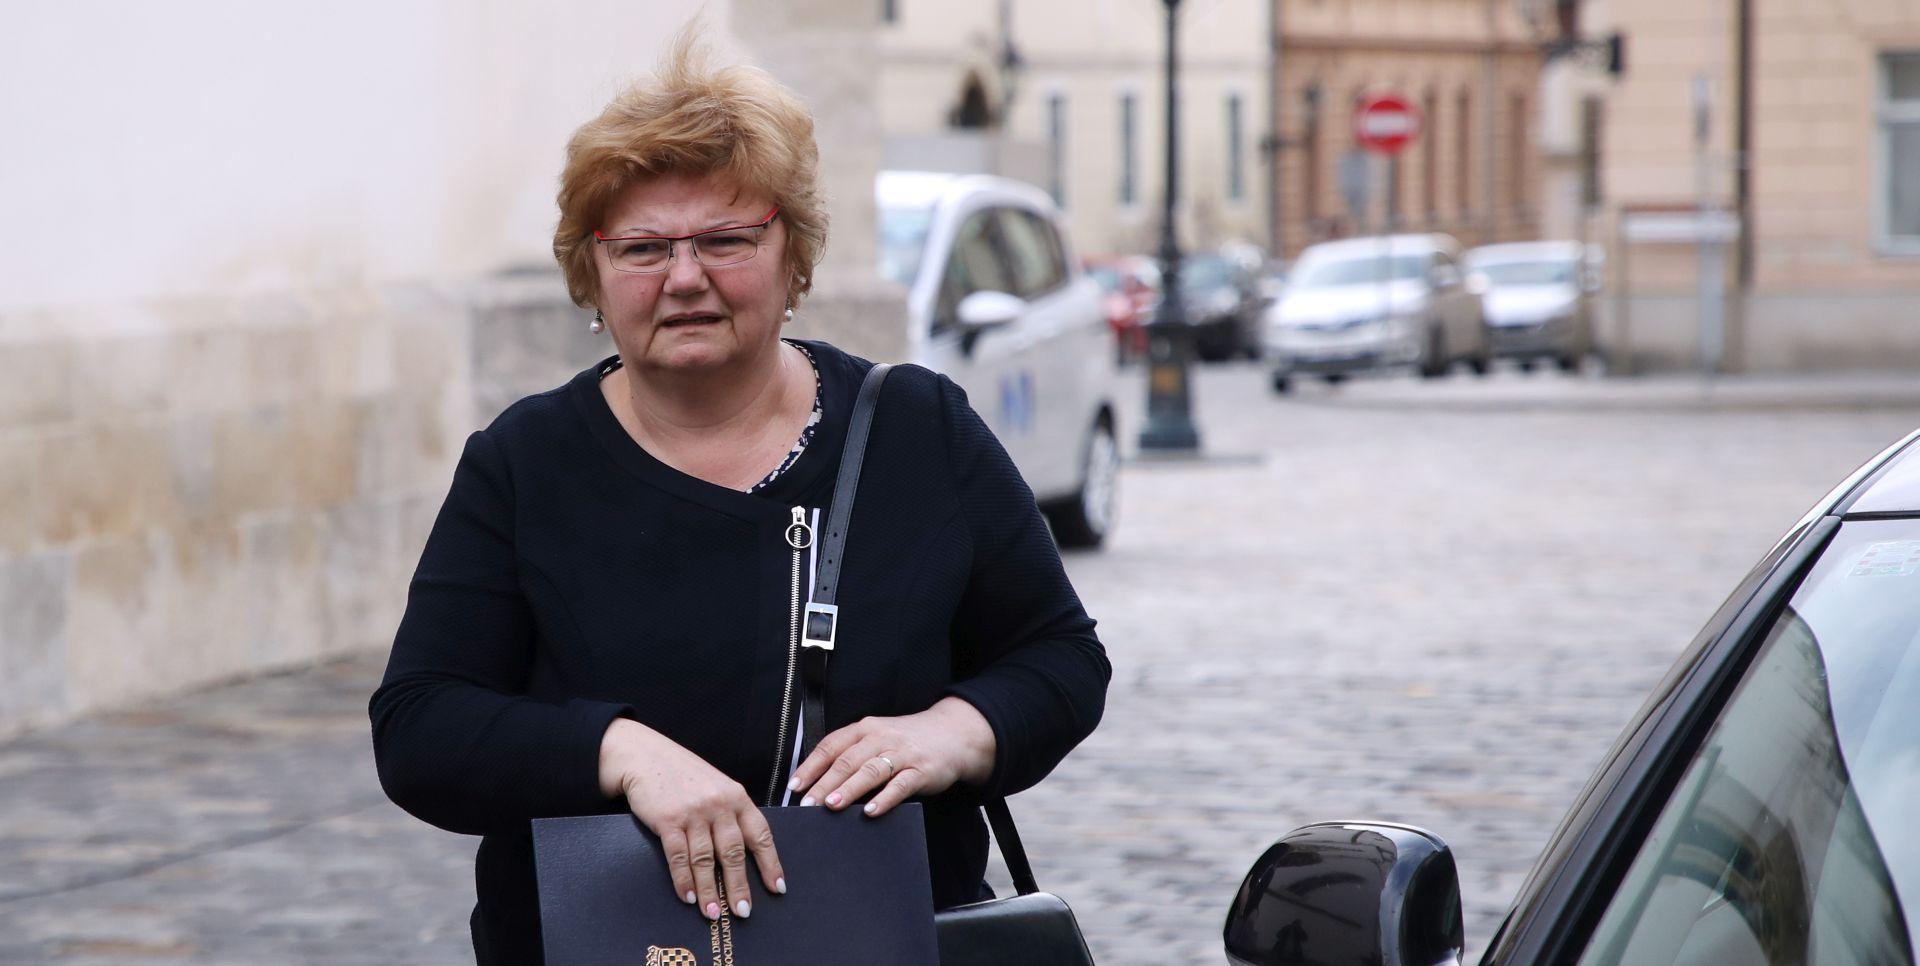 Murganić najavila izmjene zakona o dječjem doplatku